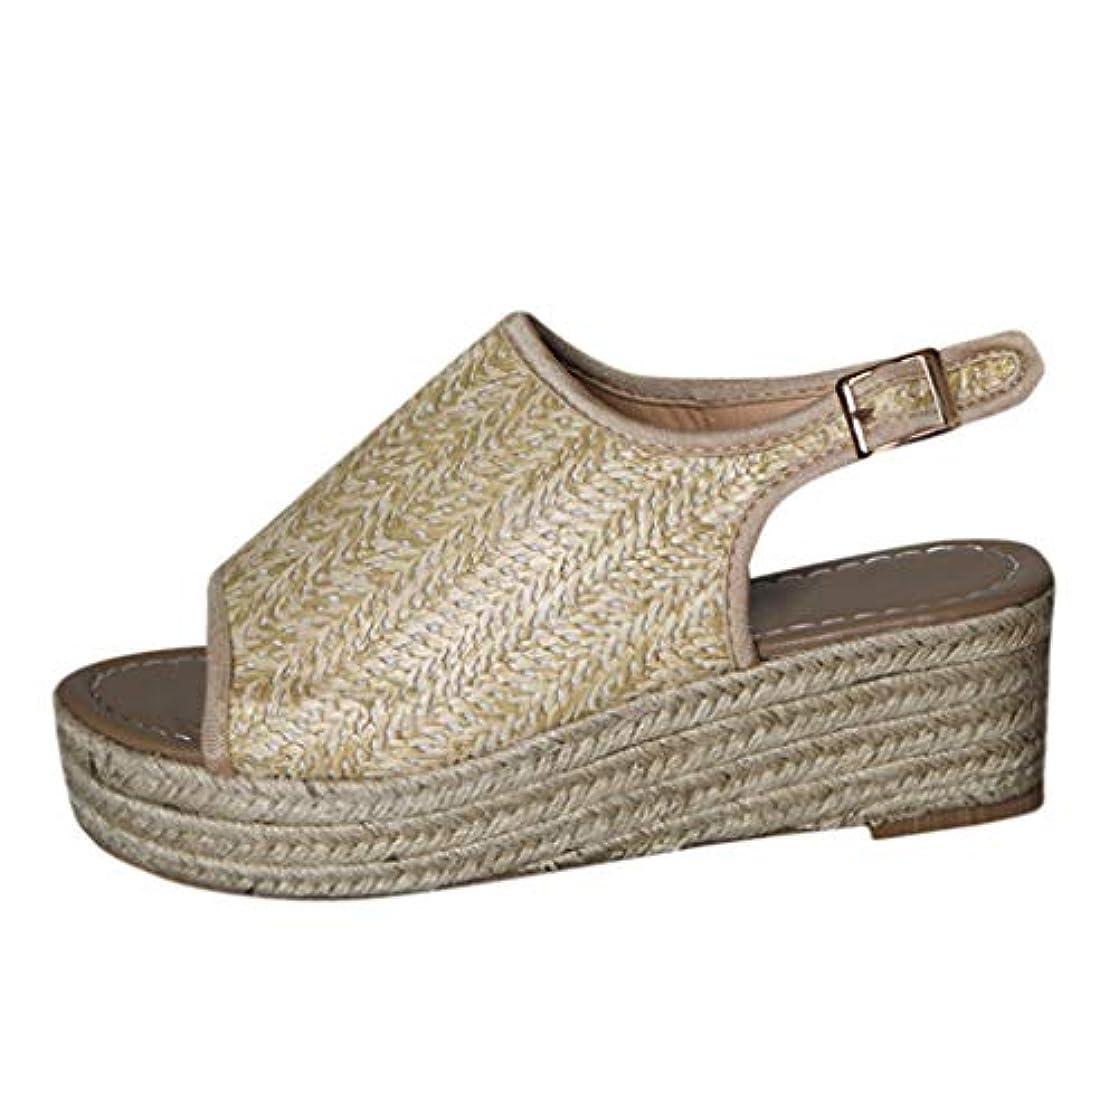 溶接家庭教師無視するレディース サンダル Tongdaxinxi 婦人向け ファッション オープントゥアンクルストラップサンダル カジュアル ローマンシューズ 滑りにくい シンプル ウェッジソール 厚底 サンダル 快適 美脚 脚長 効果